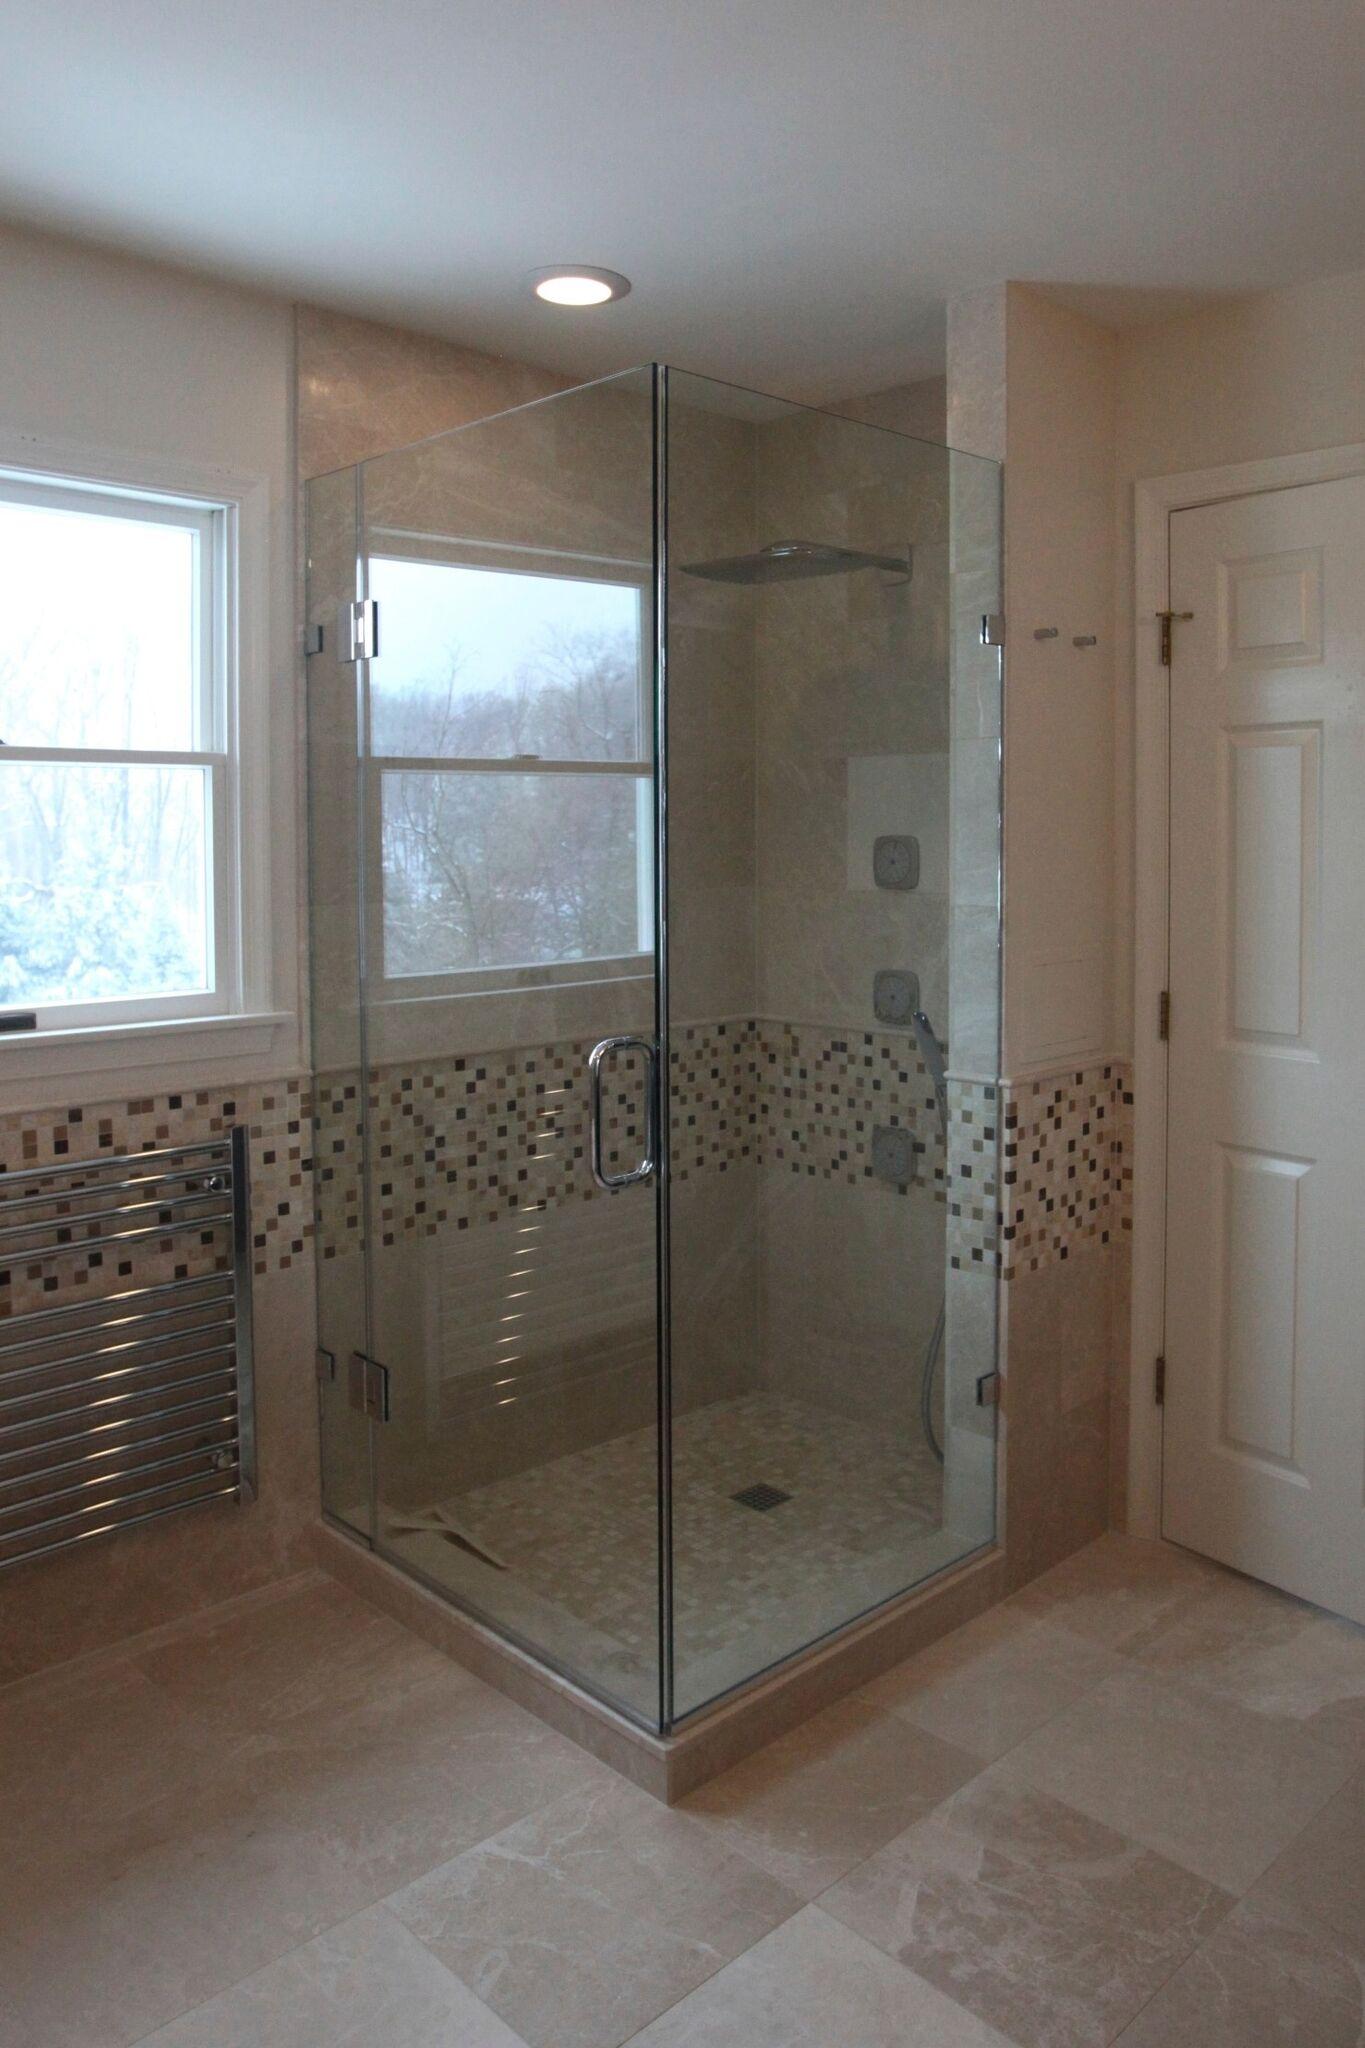 Reifschneider Shower 2 2.9.12-min